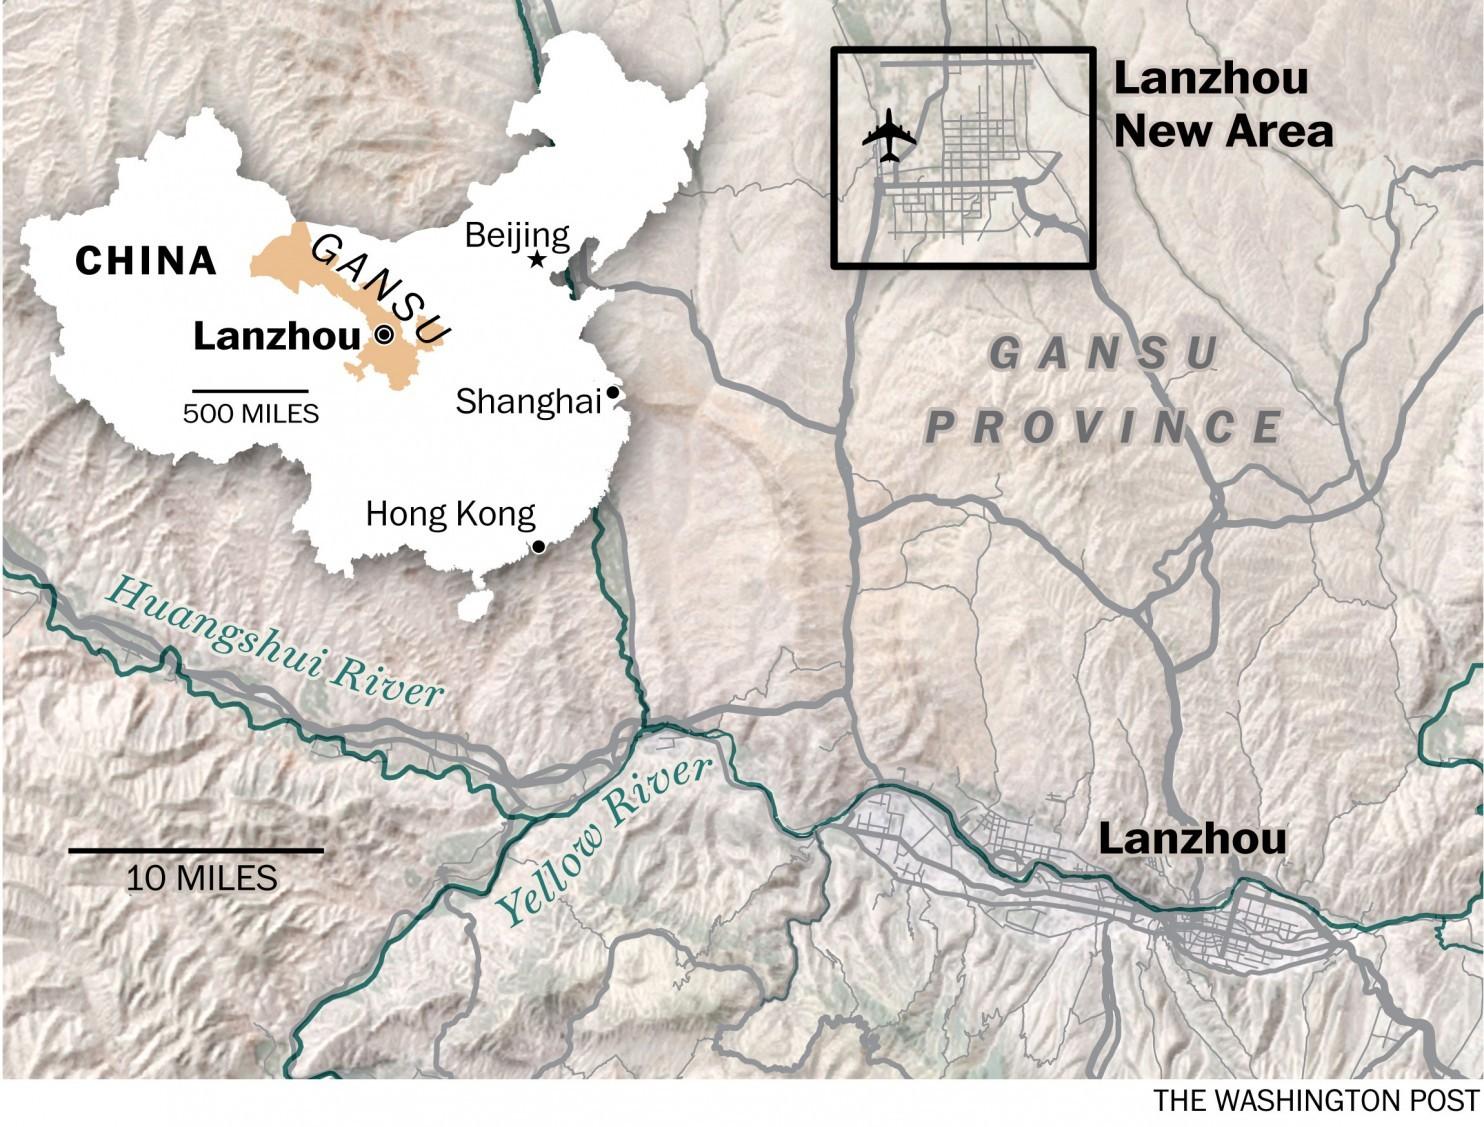 LanzhouNewArea-2300